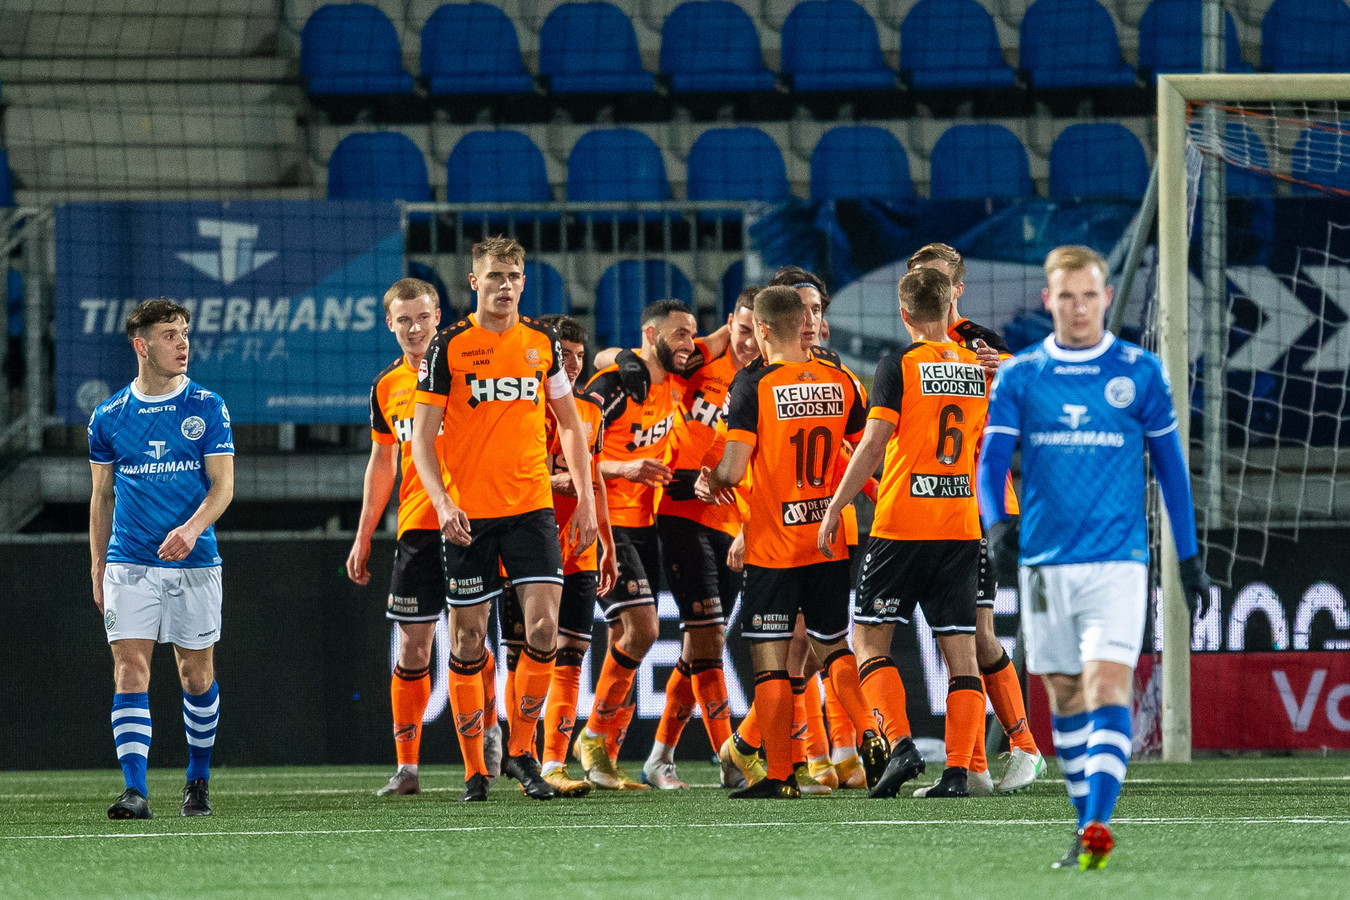 Terwijl de FC Den Bosch-spelers Jorn van Hedel (links) en Romano Postema (rechts) balen, vieren de spelers van FC Volendam een van hun vijf doelpunten.